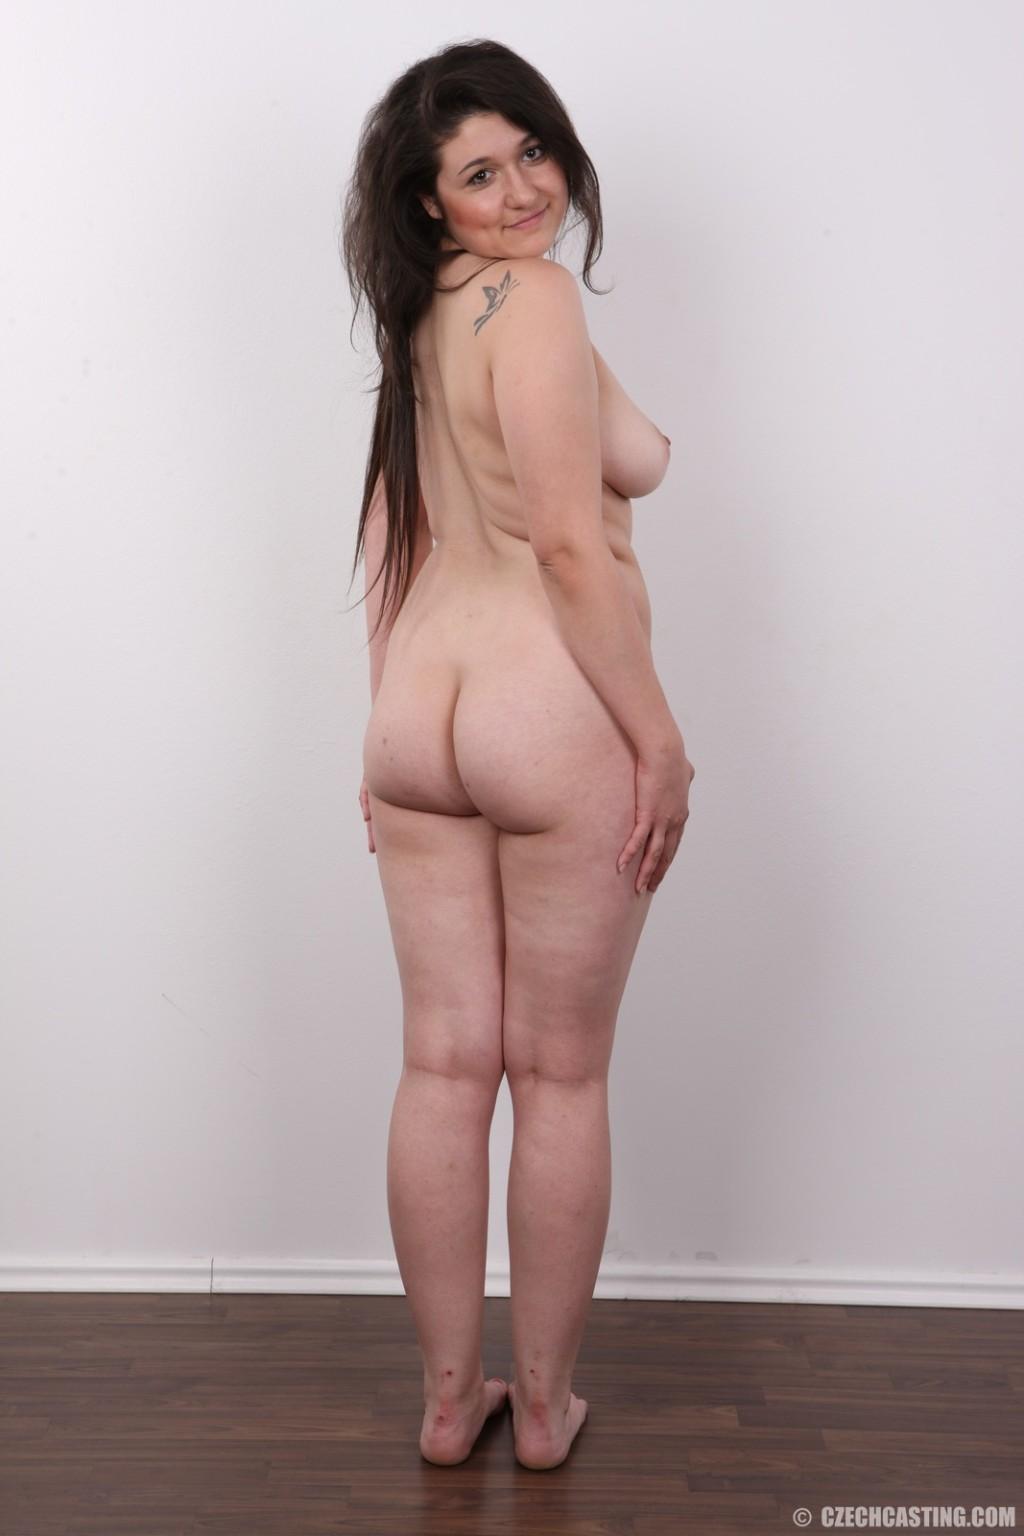 Барышня с прикольными грудями соснула большой черный пенис